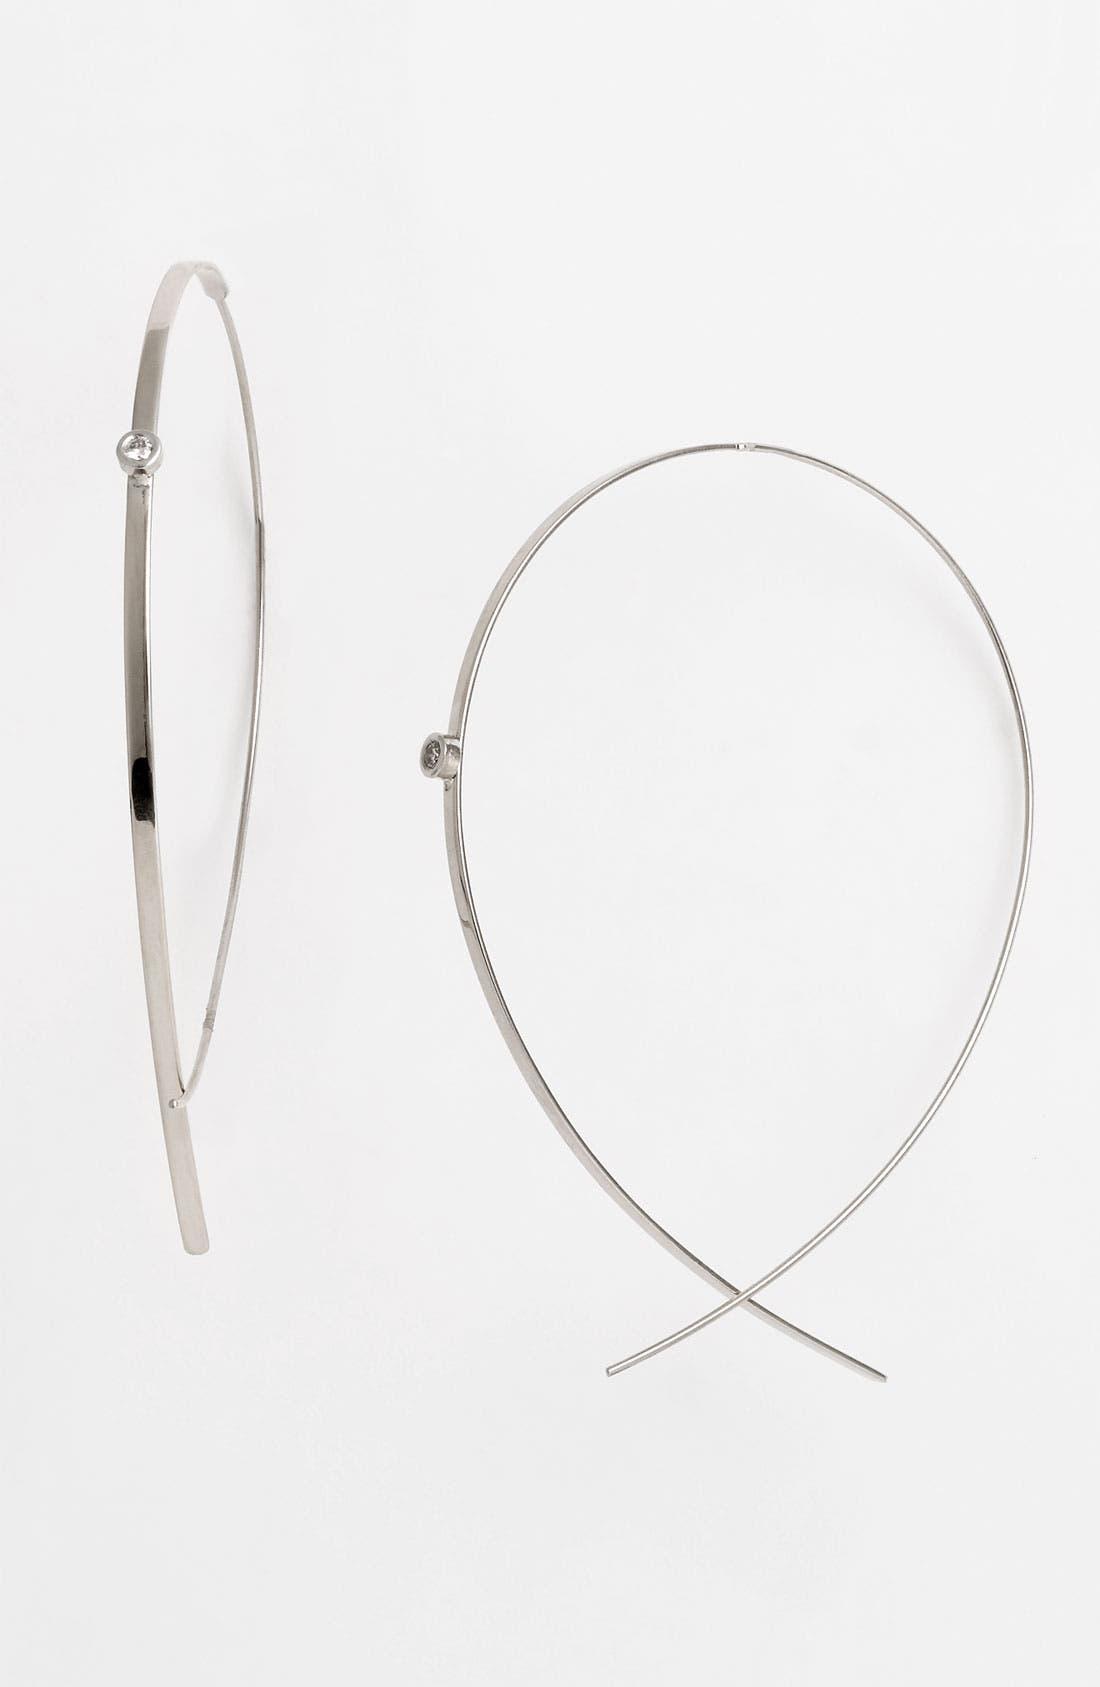 Alternate Image 1 Selected - Lana Jewelry 'Flat Upside Down' Diamond Hoop Earrings